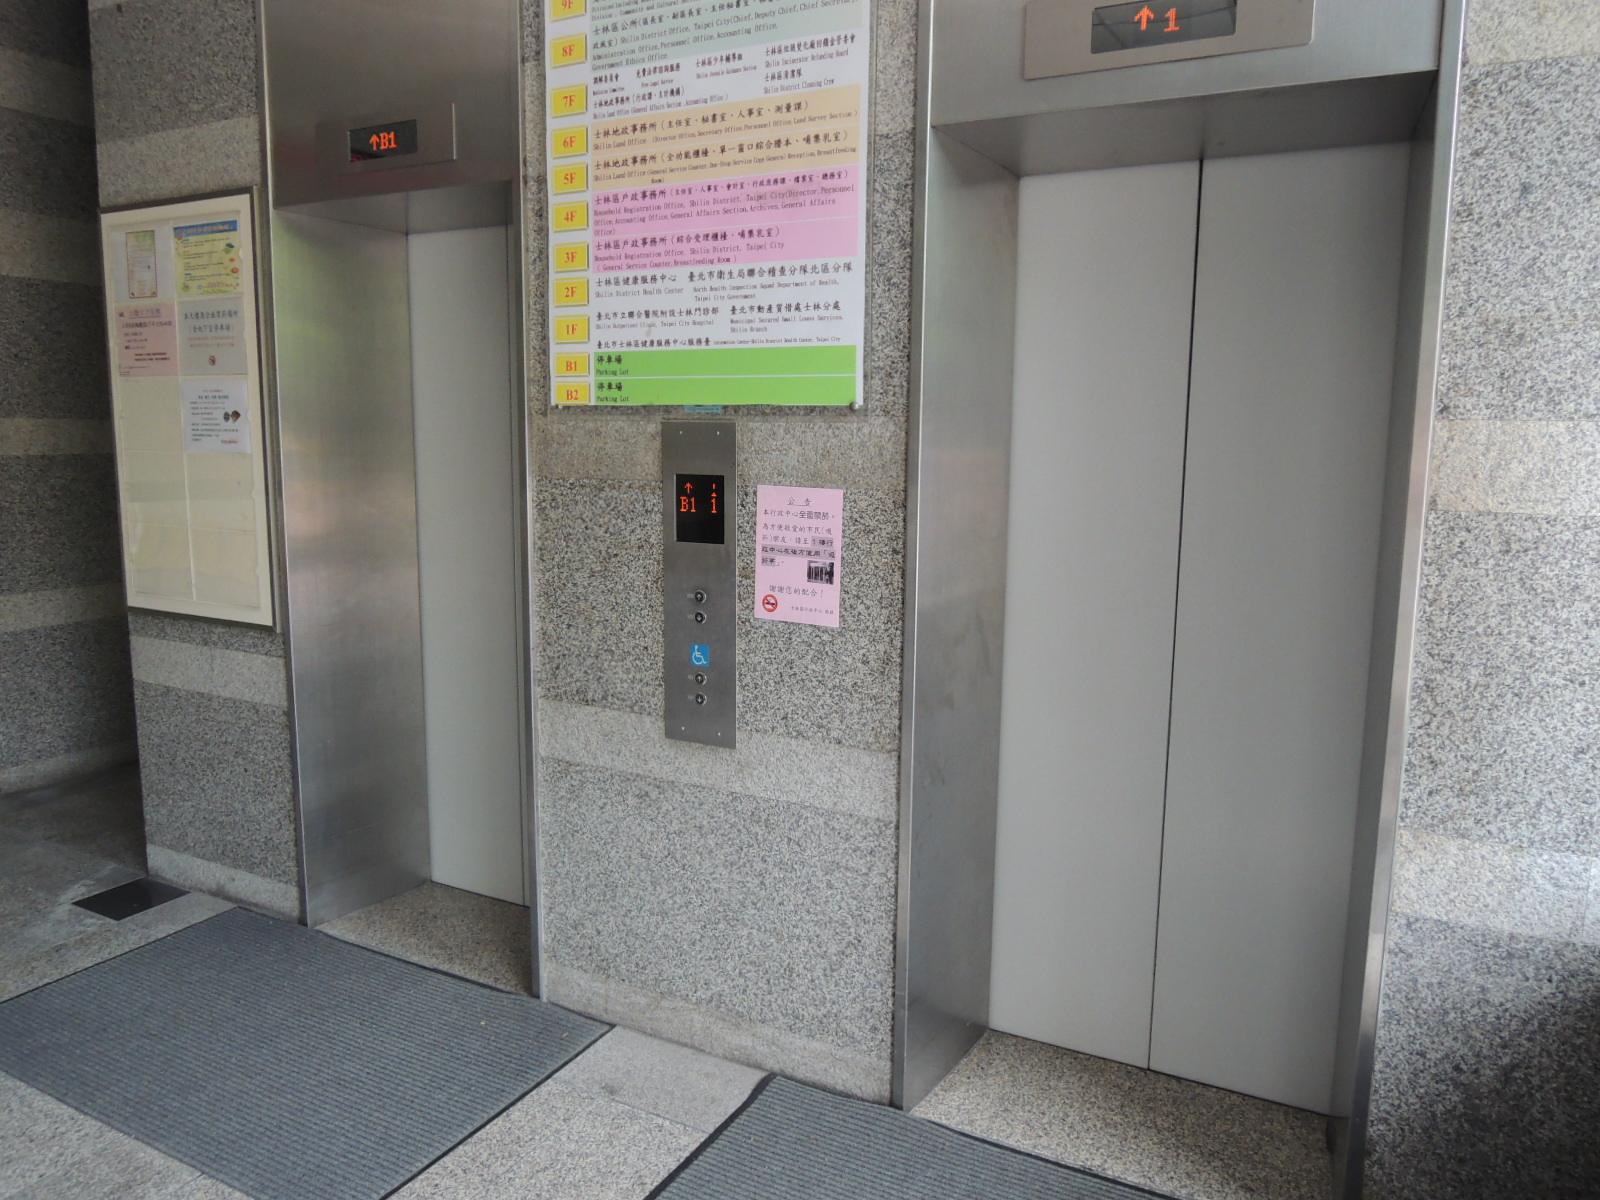 臺北市士林區行政中心「側門」無障礙電梯